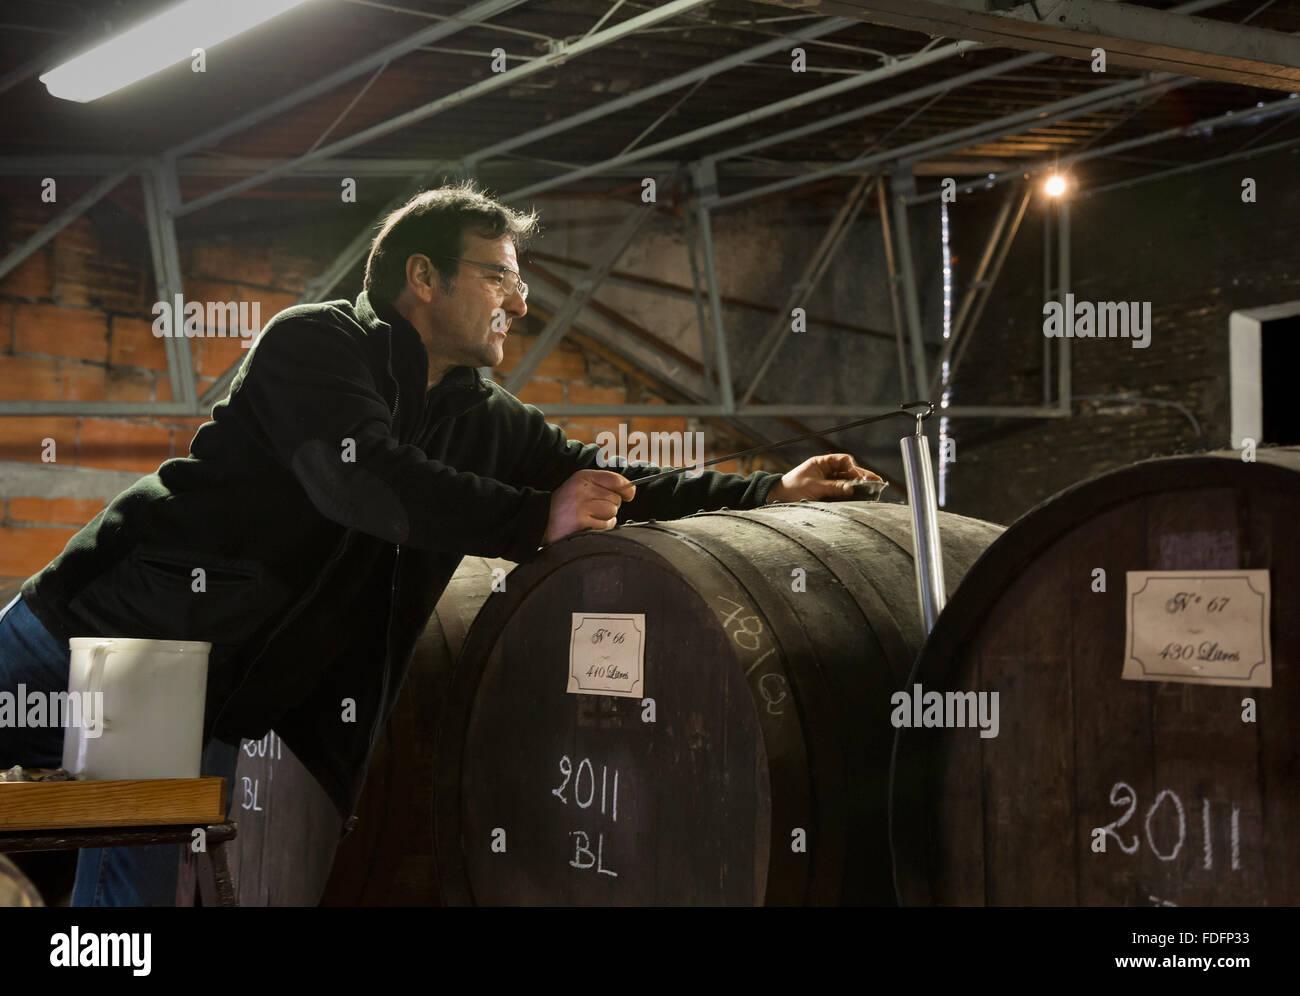 Nogaro, dipartimento di Gers, Midi-Pirenei, Francia. Estrarre il campione dalla canna di armagnac di prova per il Immagini Stock